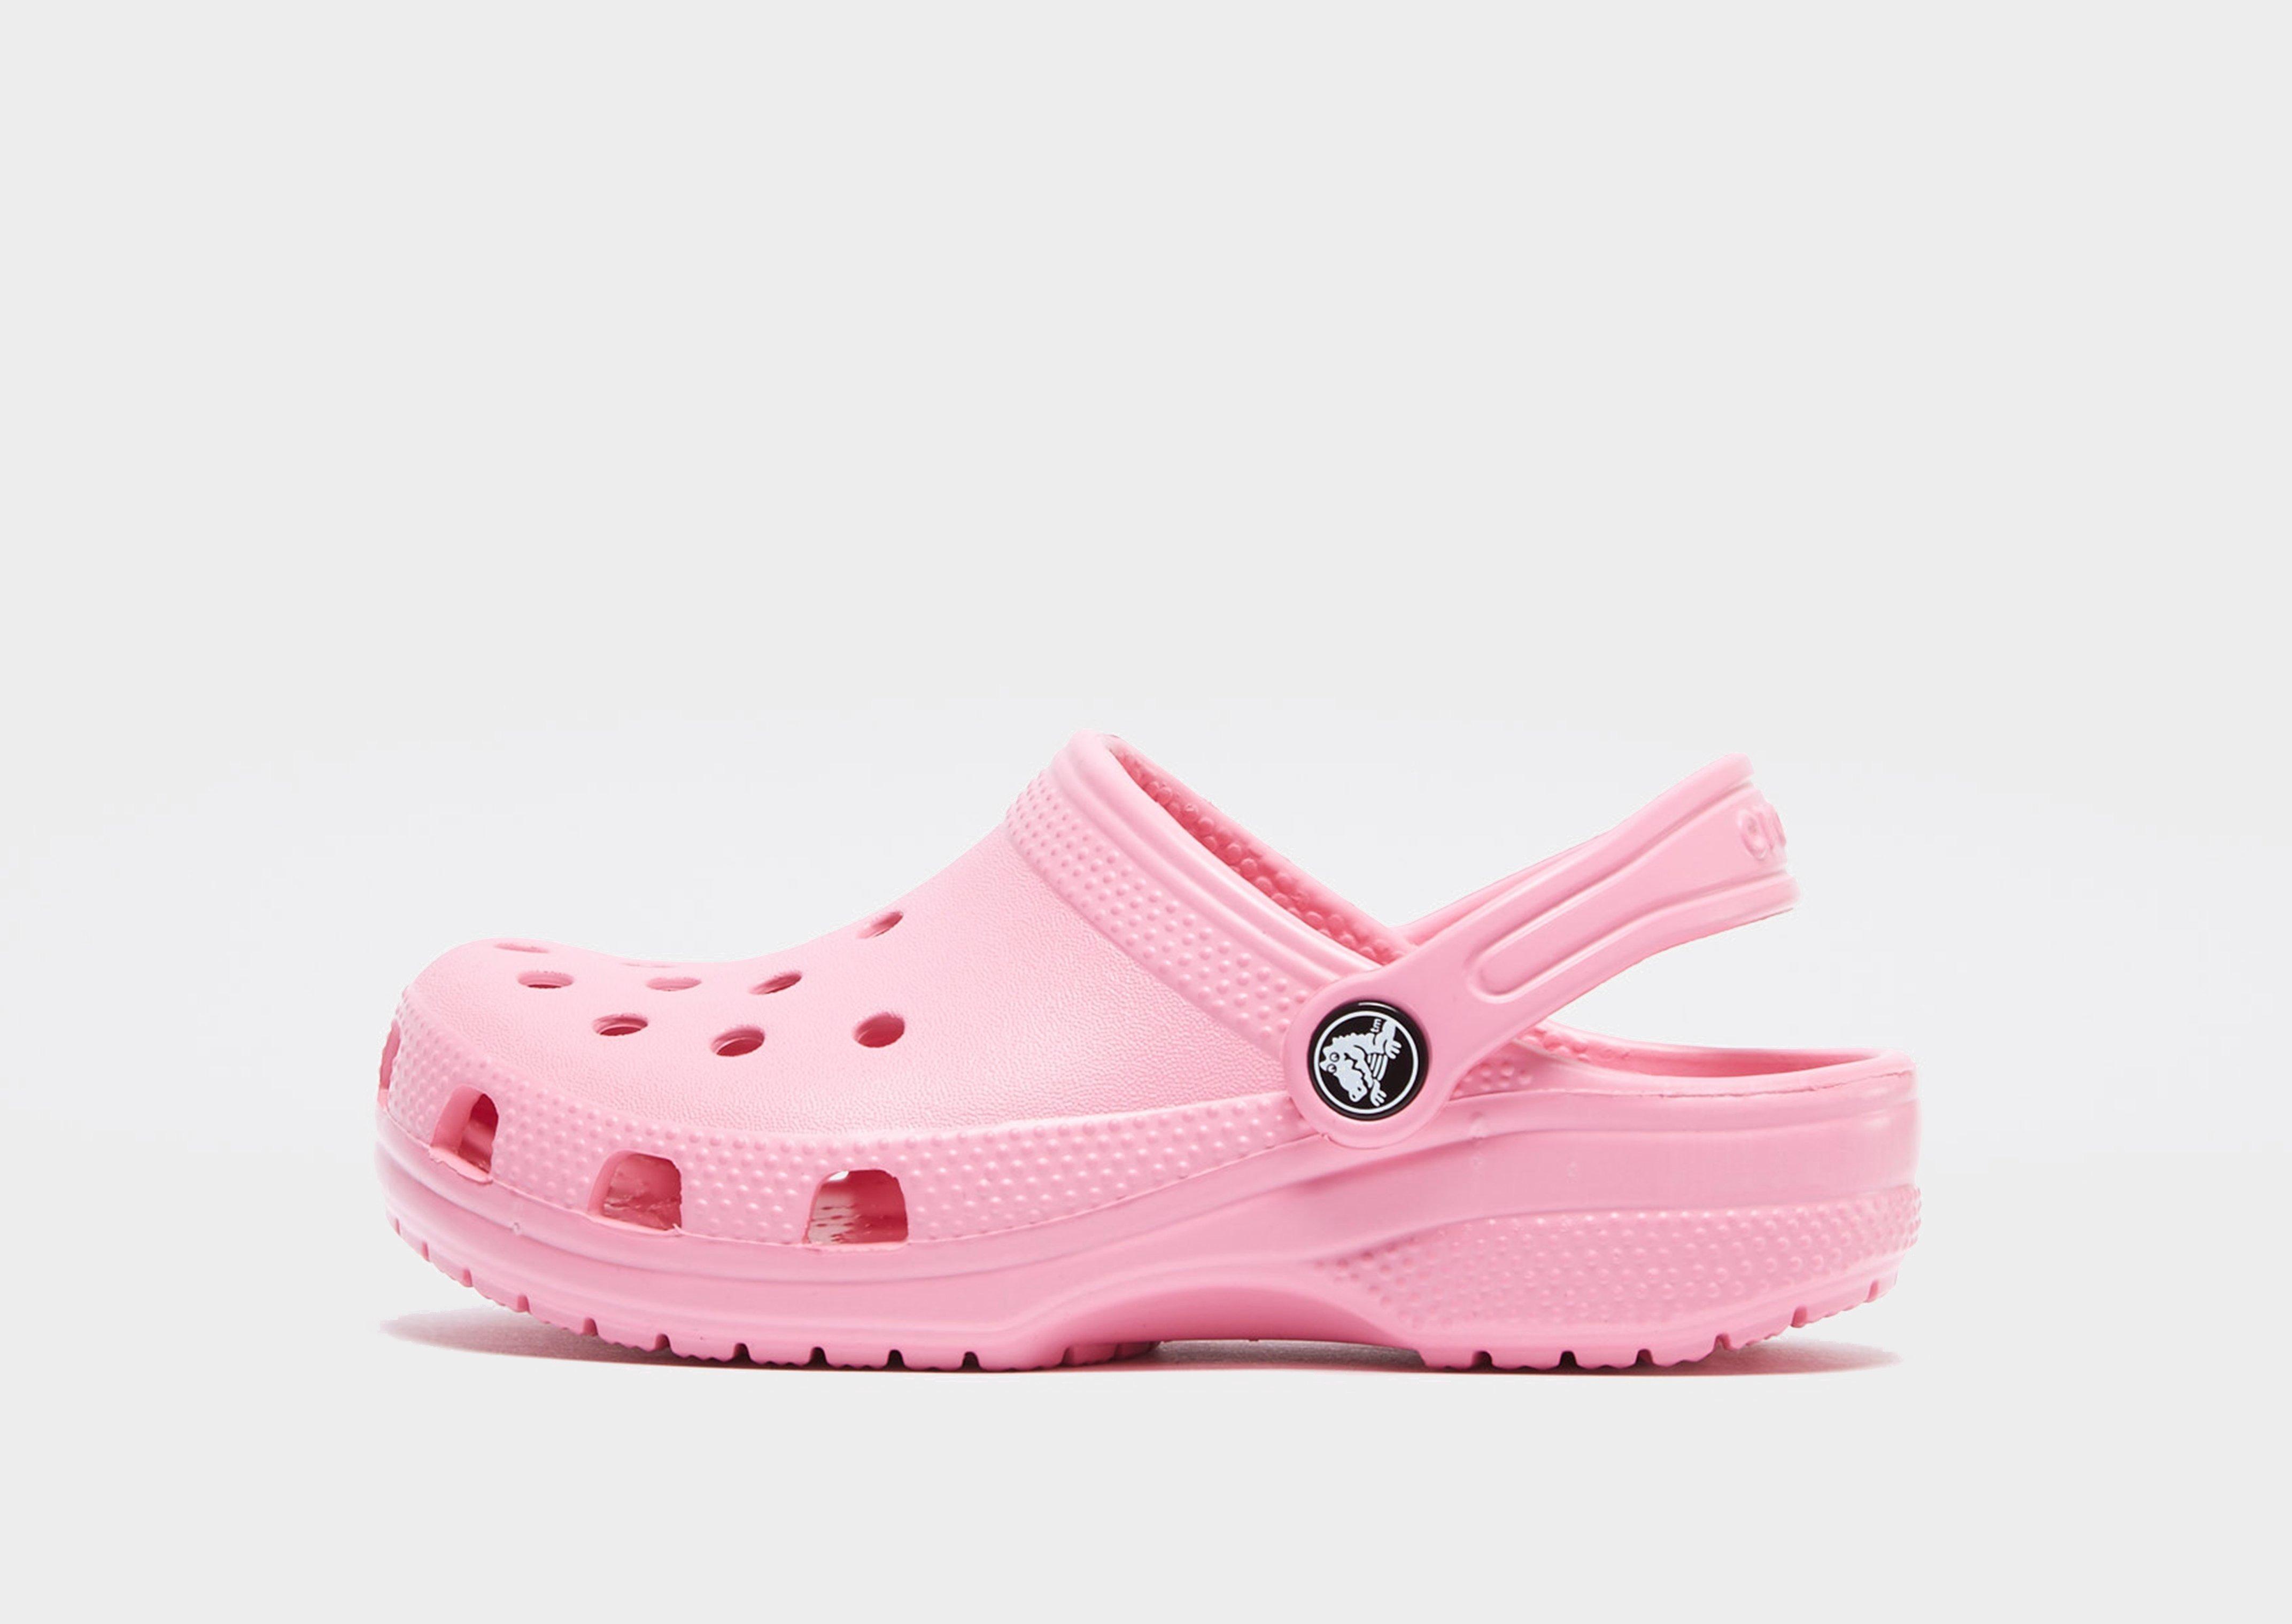 - 23//24 EU Sabots Mixte Enfant Crocs Classic Clog Pink Lemonade 669 Rose